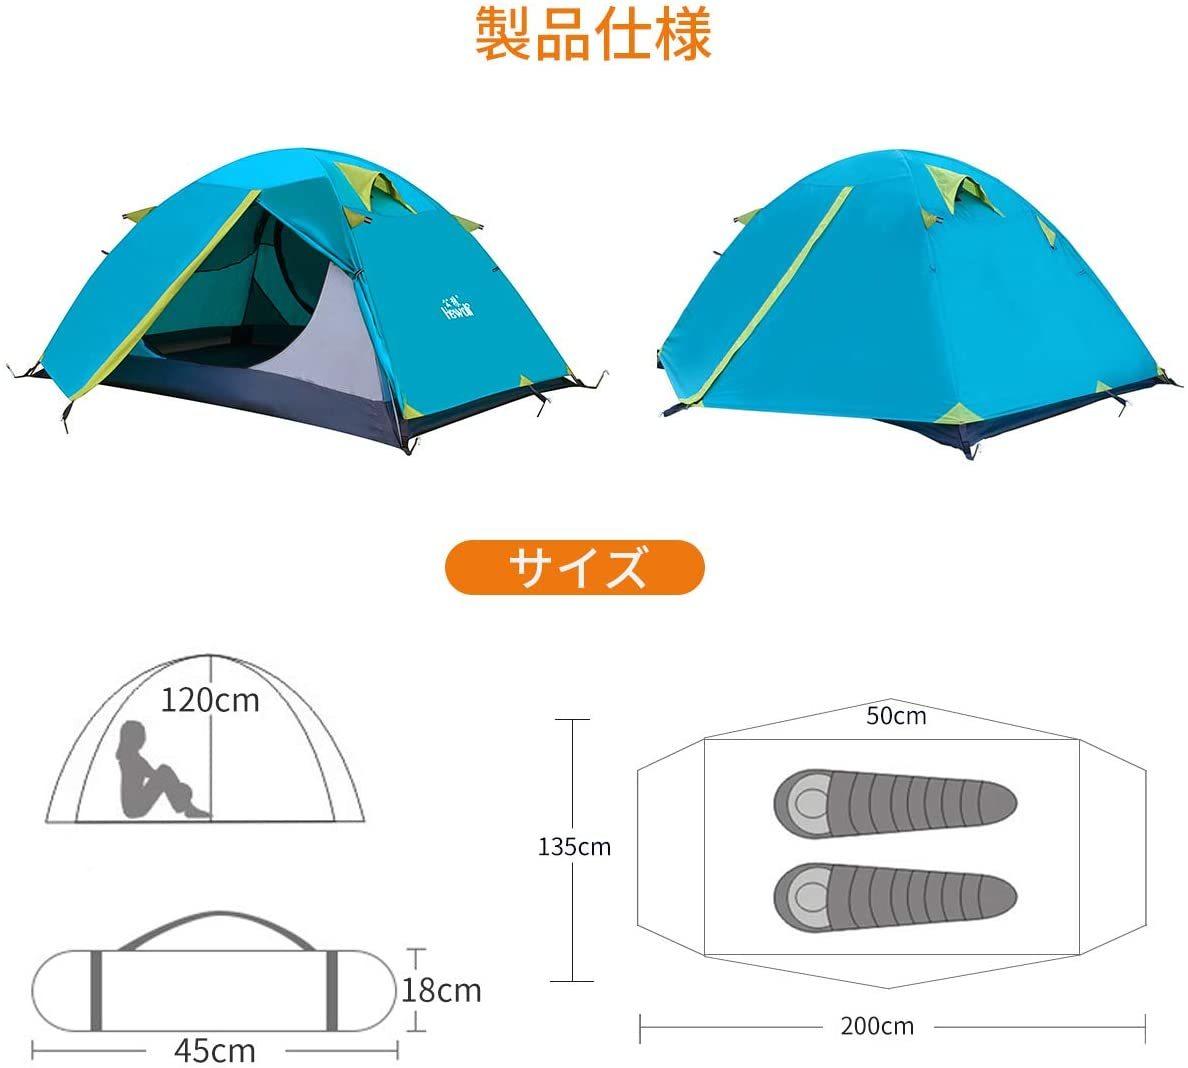 ツーリング テント ブルー 自立 二重層 ソロ キャンプ / 1人用 2人用 コンパクト 軽量 アウトドア 登山 防災